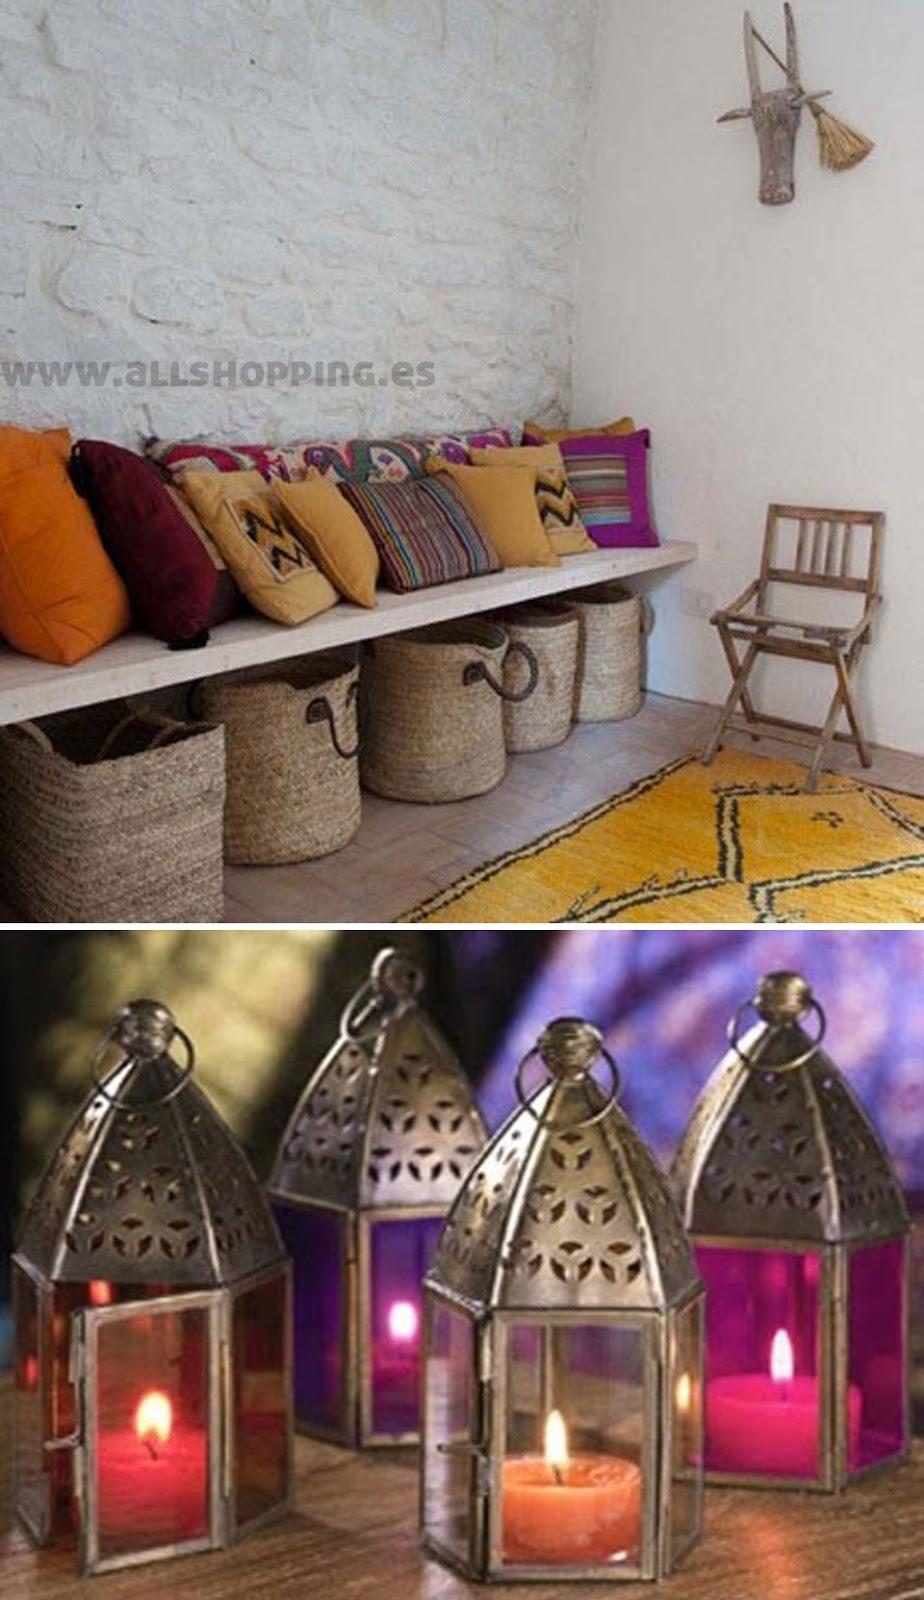 Js home collection mi consejo de decoracion para hoy - Consejos de decoracion ...